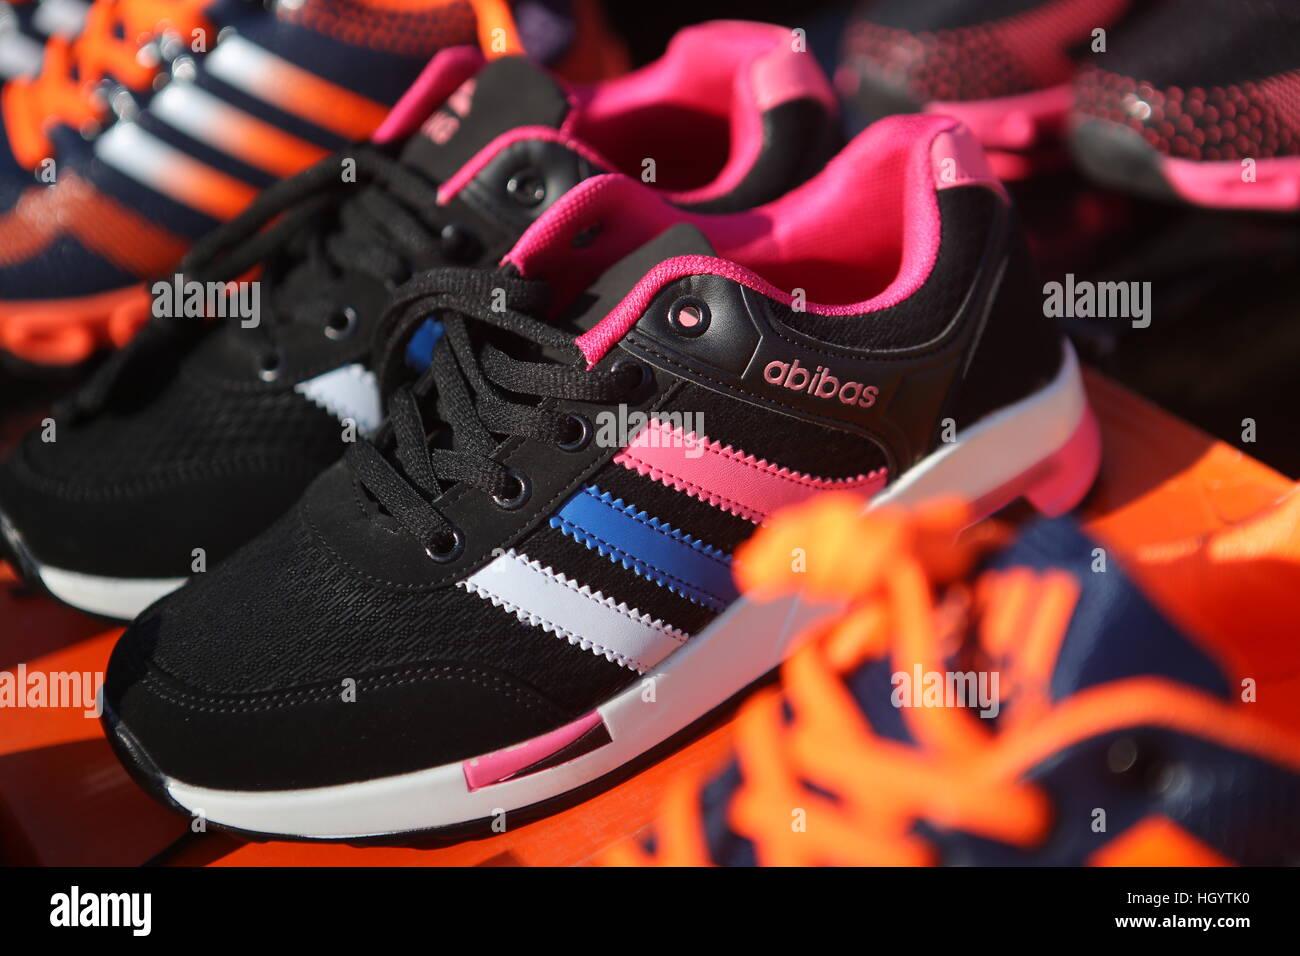 Images Alamy Fake Photosamp; China Shoes XPukiOZ